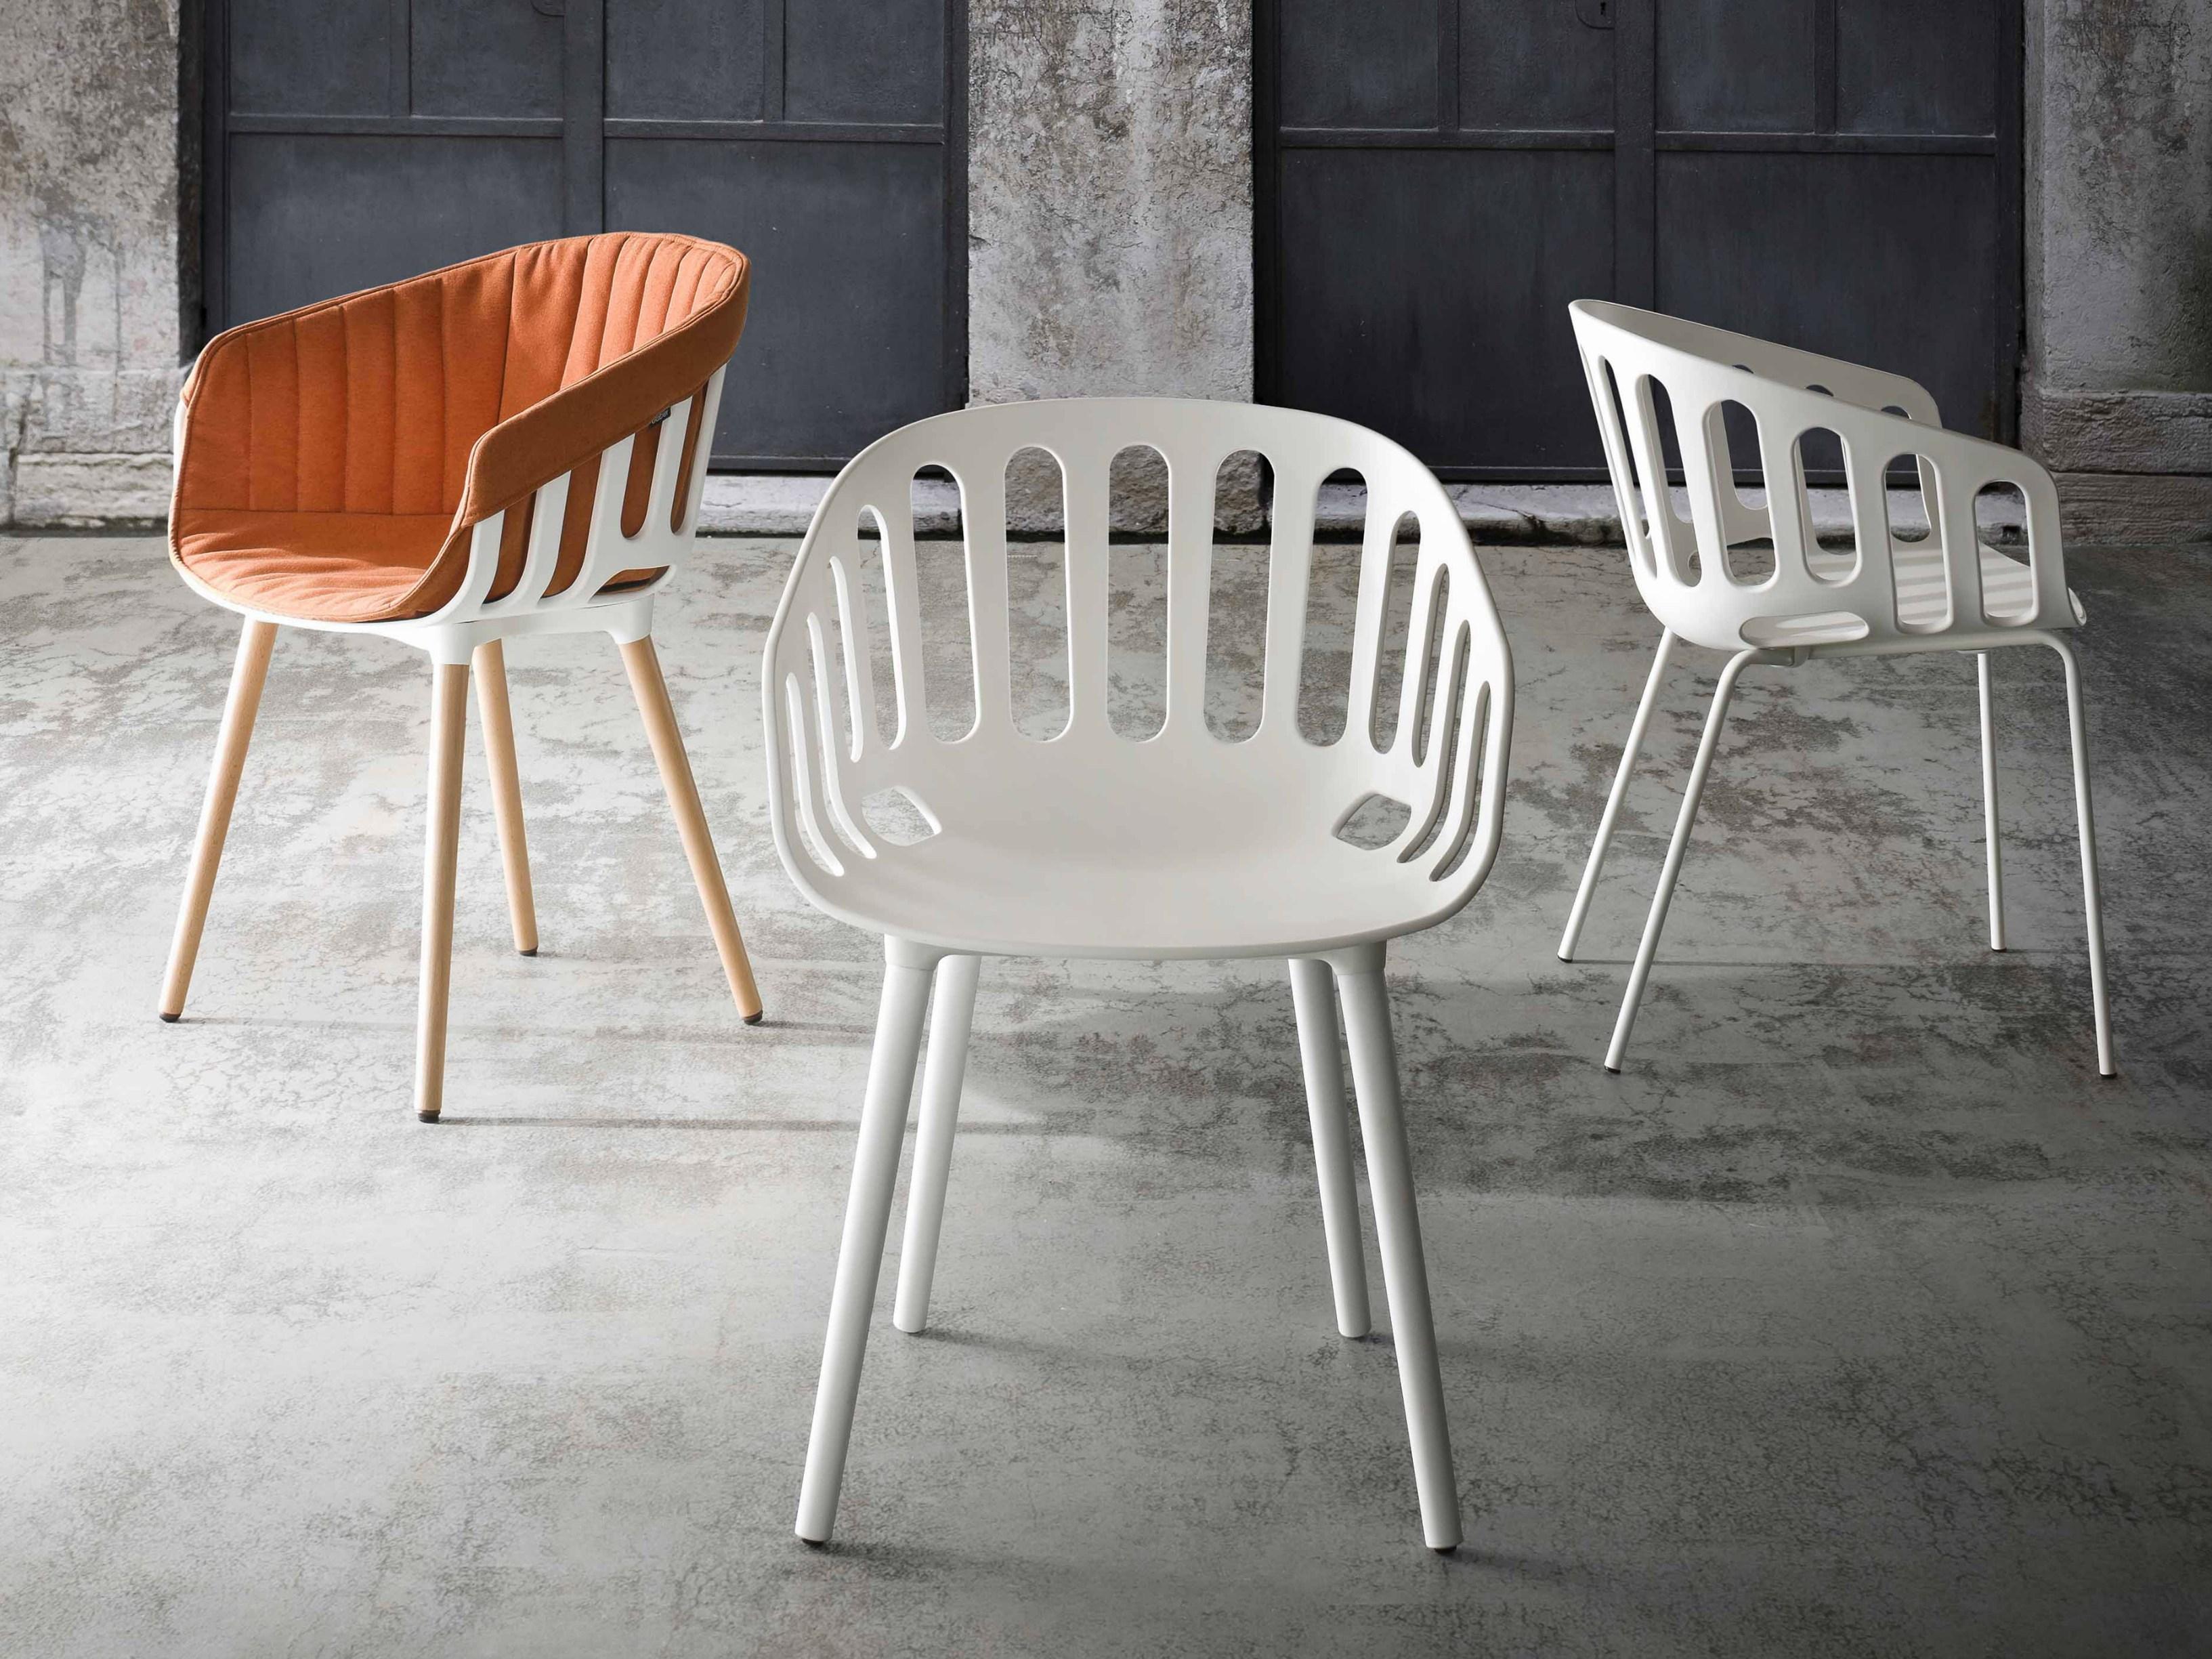 Designstoel voor binnen en buiten inspiraties for Kuipstoel voor buiten